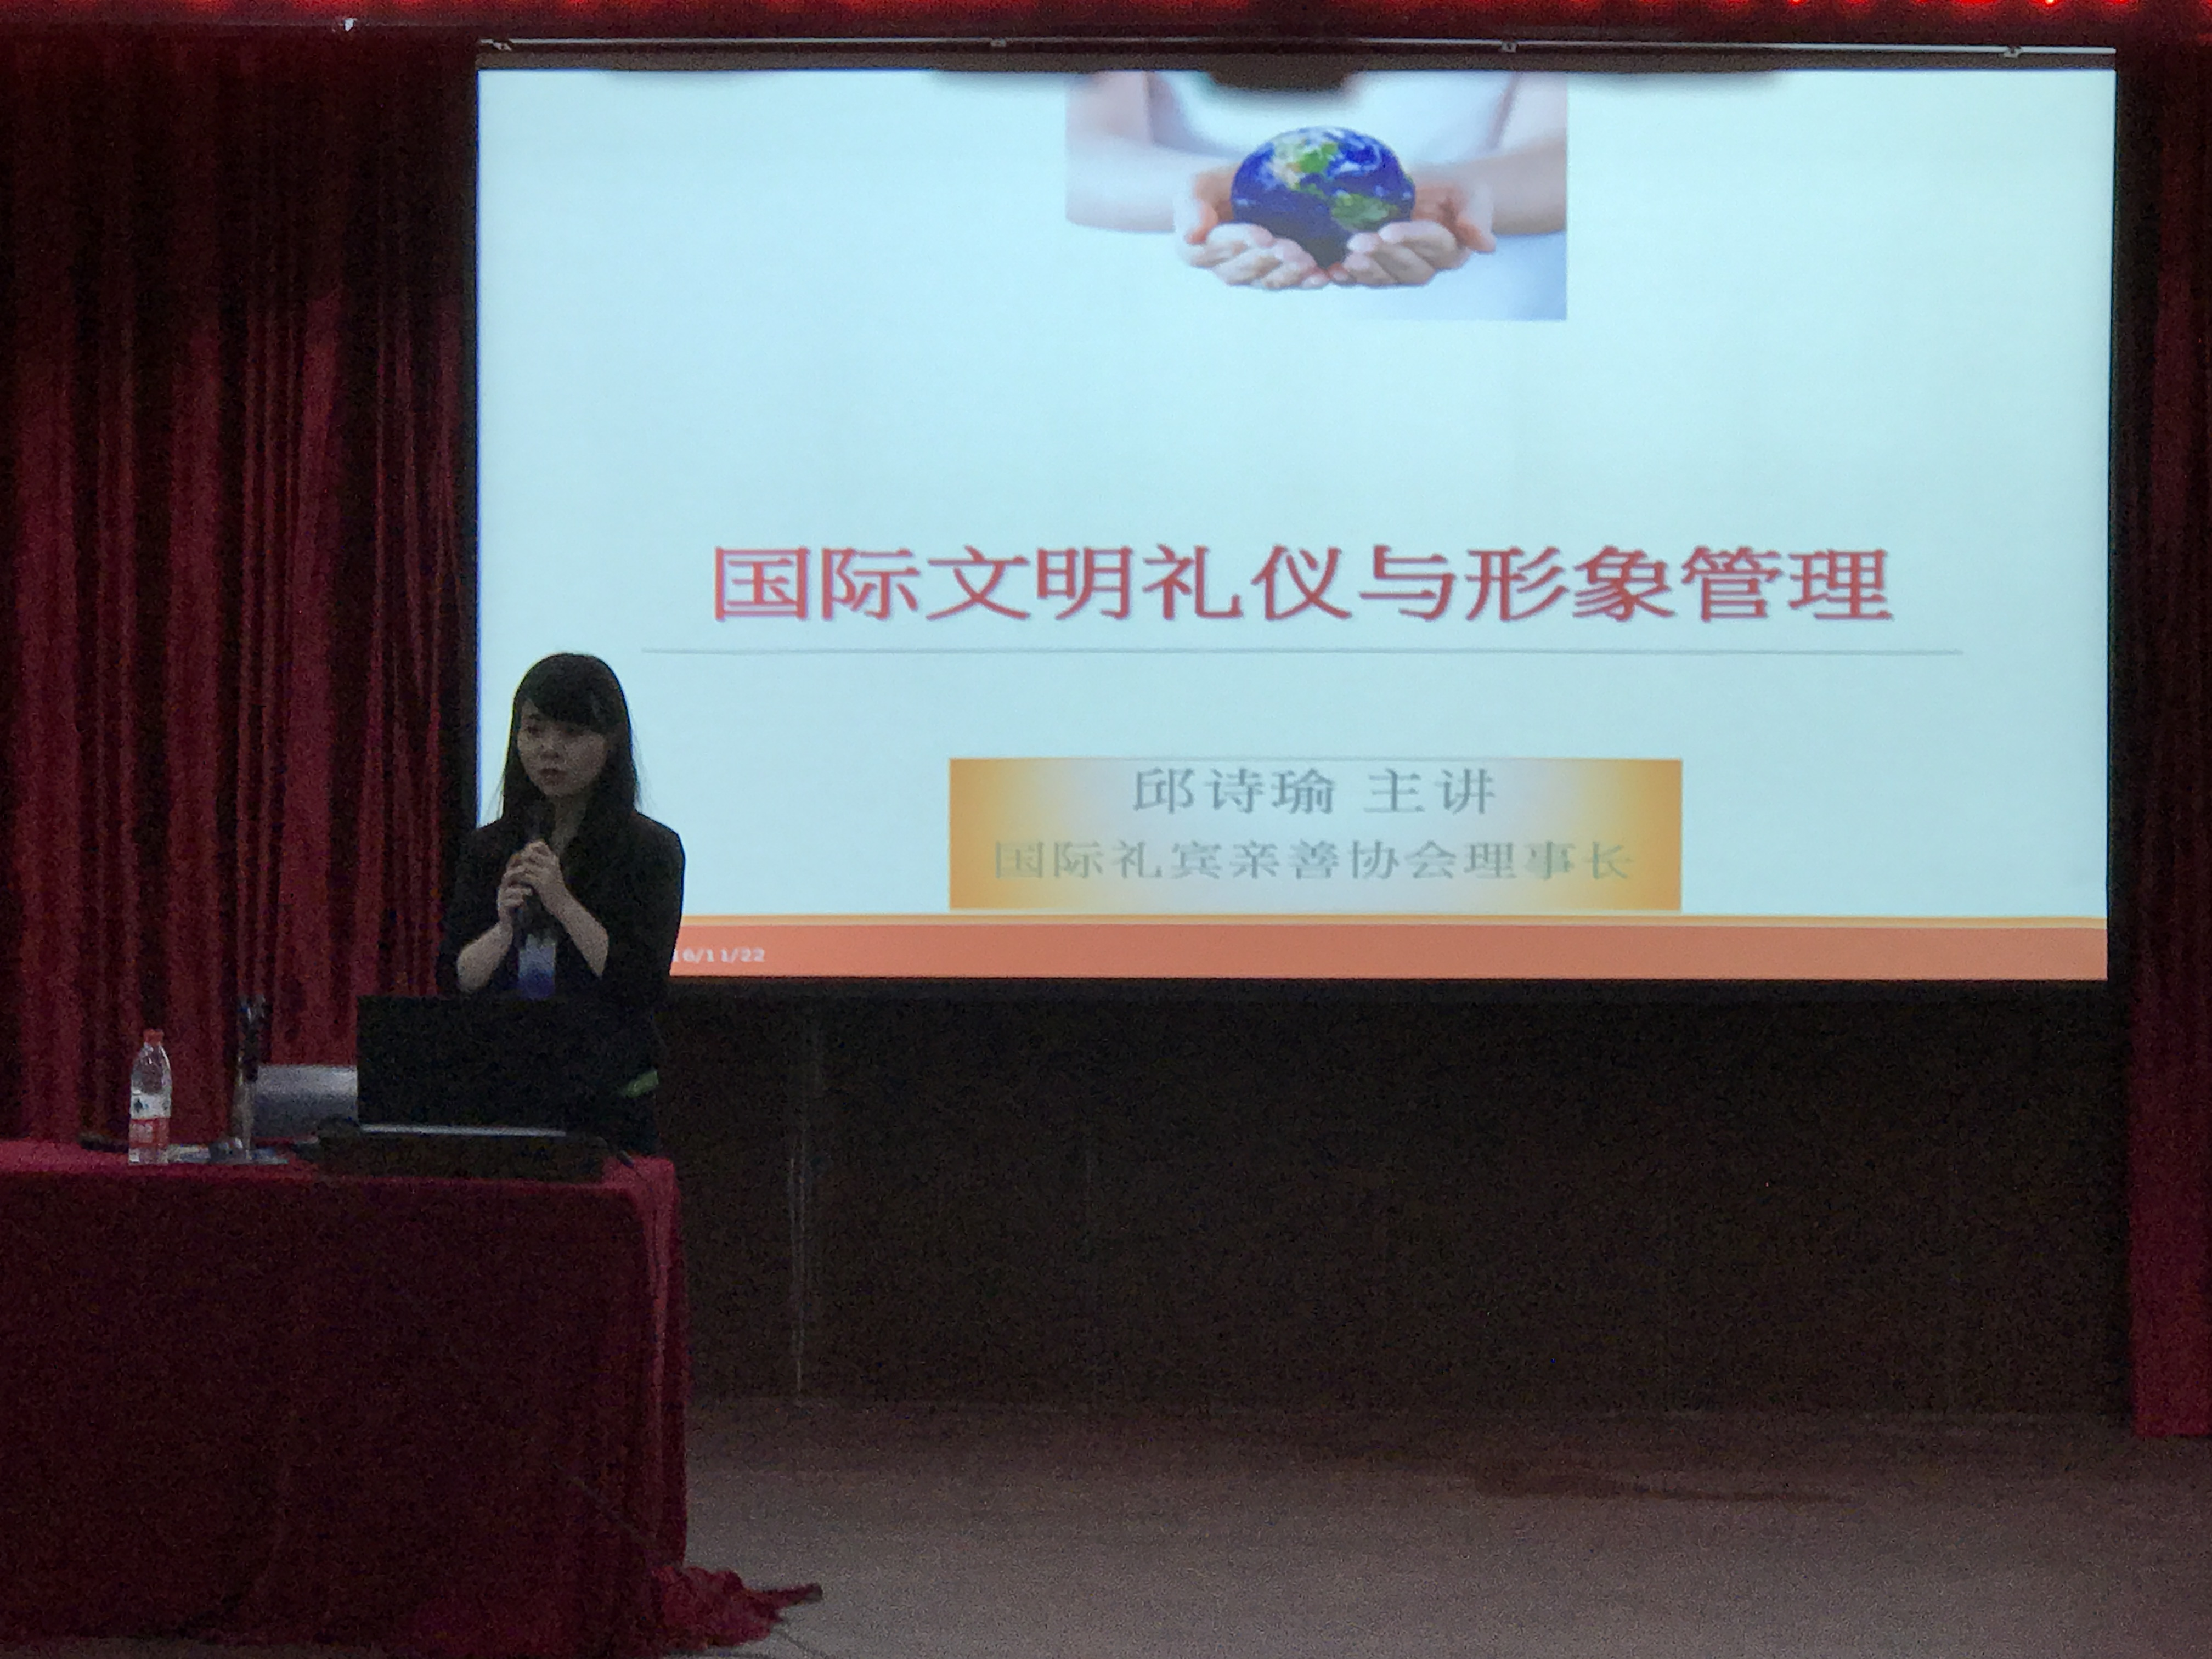 记外国语学院国际文明礼仪与形象管理讲座